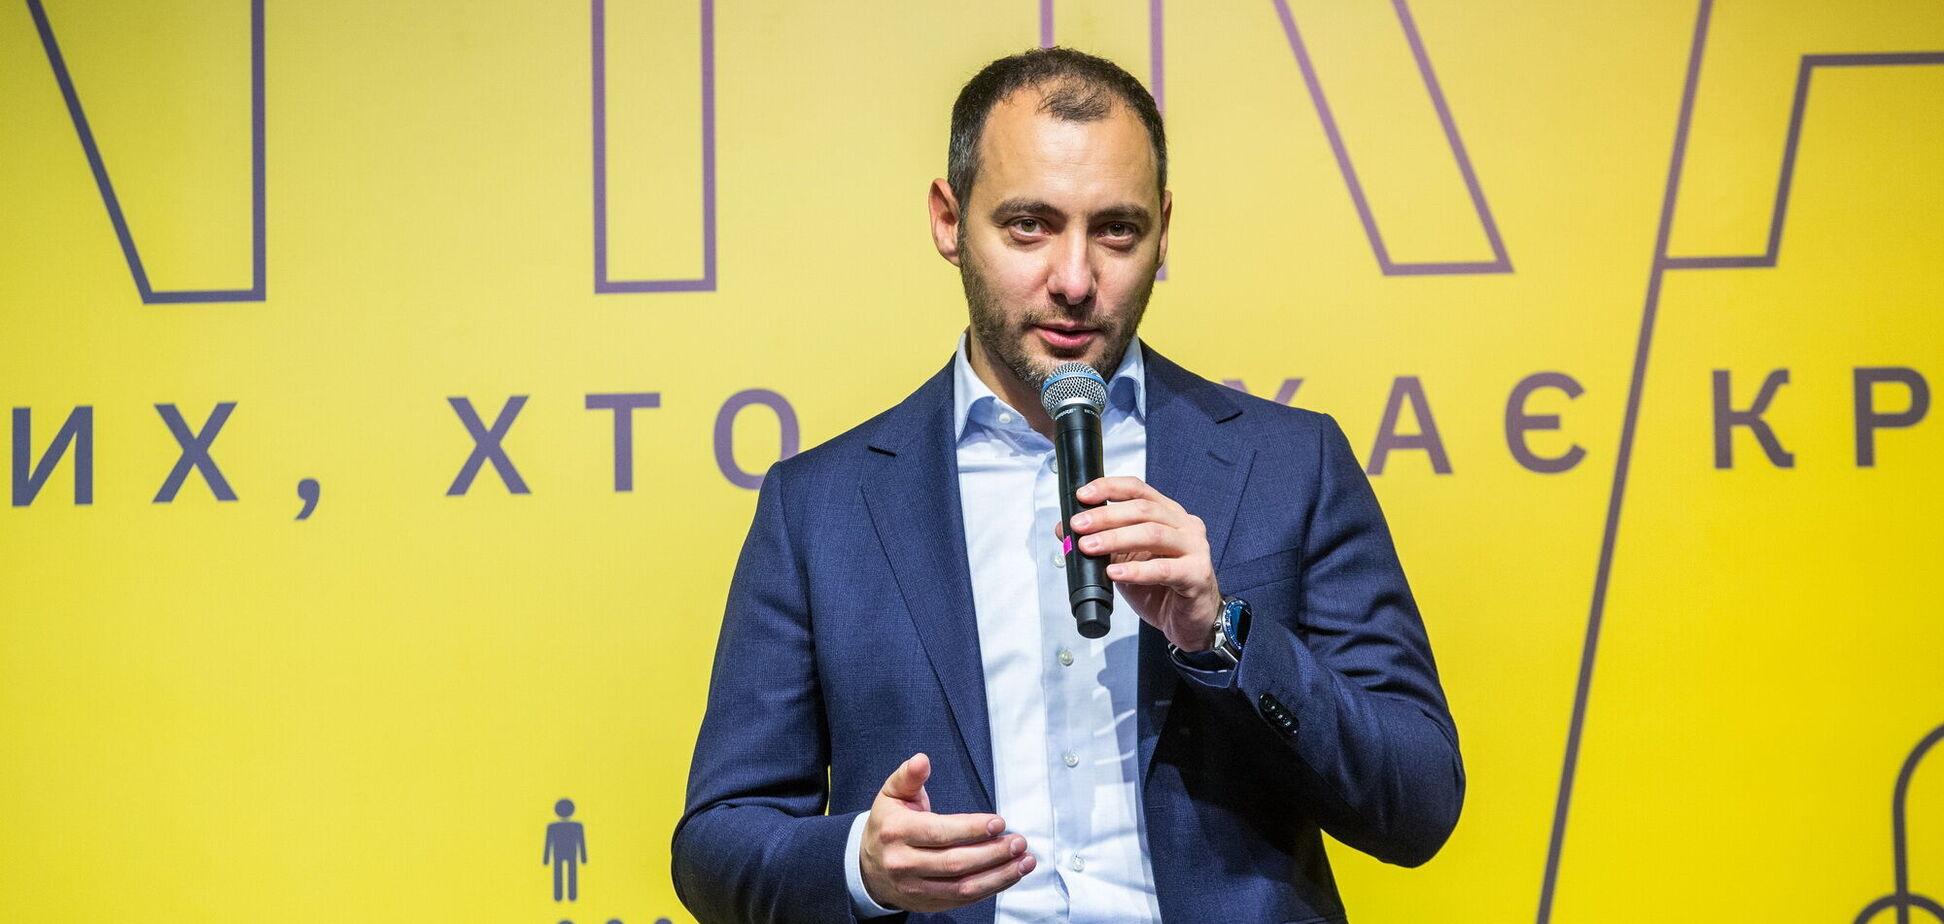 Александр Кубраков получил премию MINTRANS